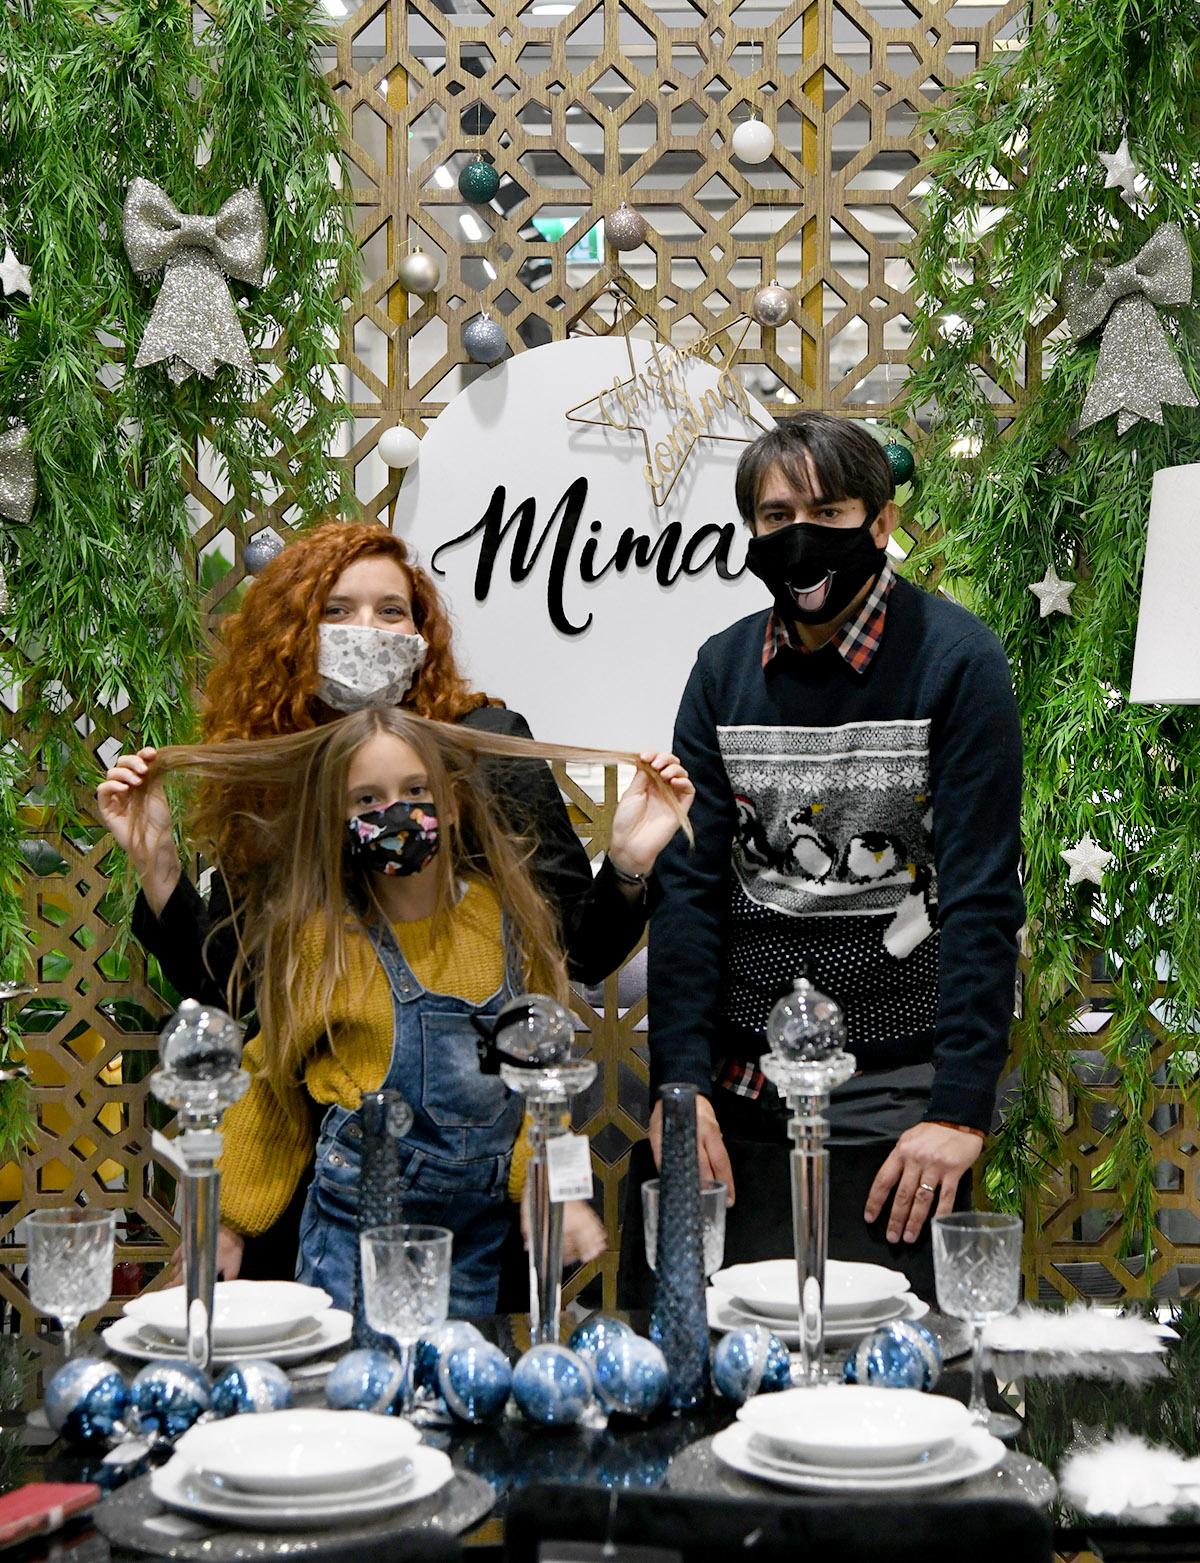 Extravagant event: Namještaj Mima